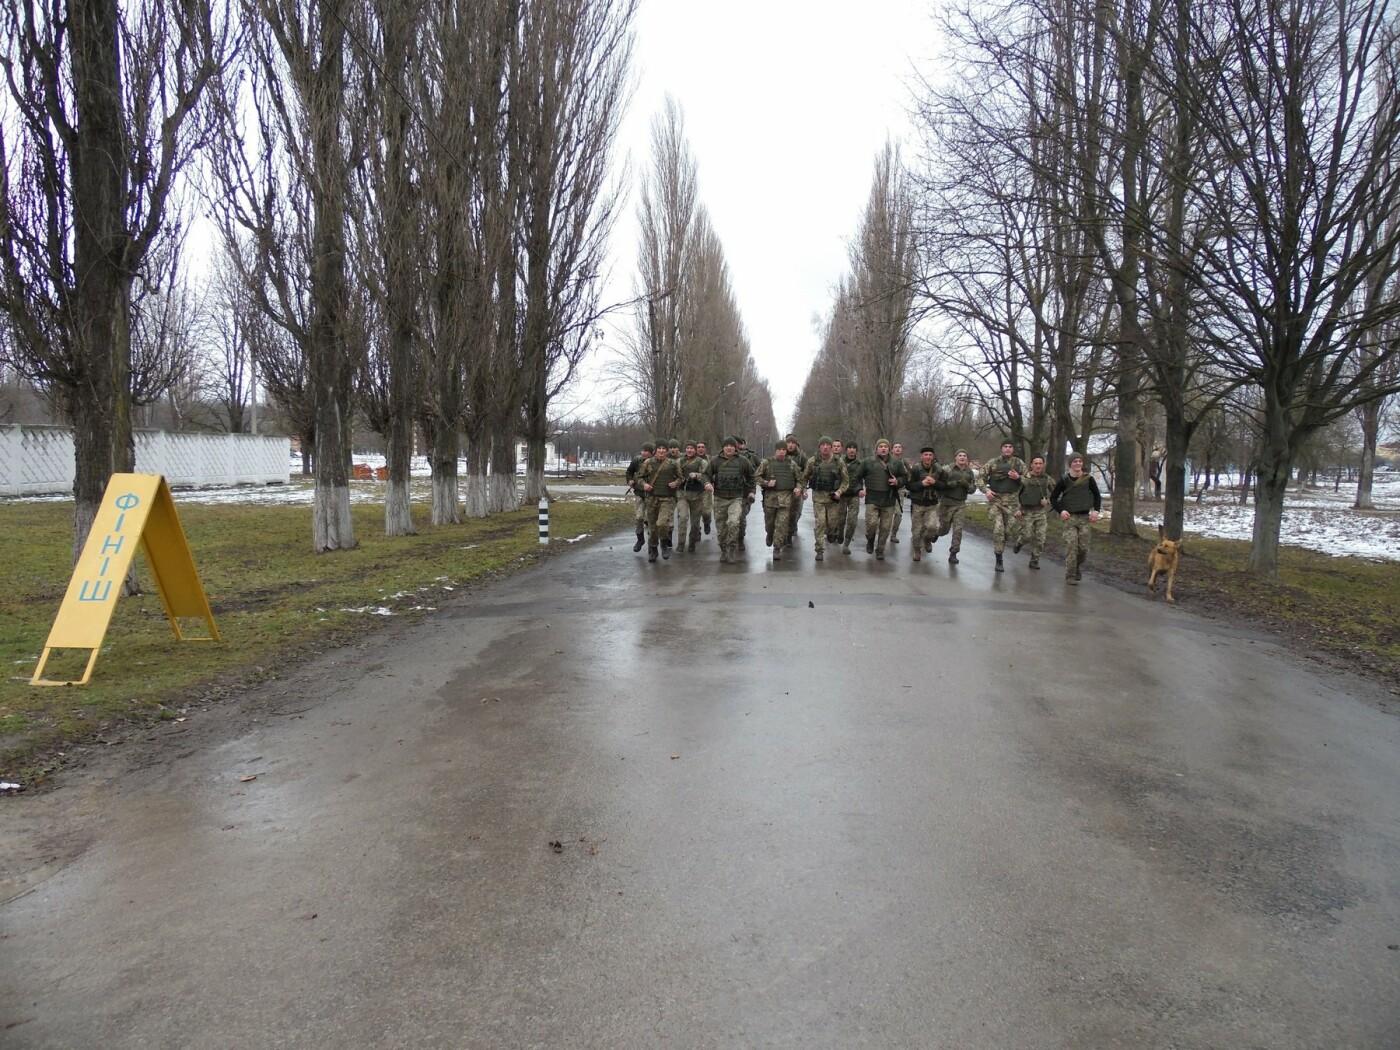 Марш-кидок на 5 км від Центру розмінування в День Збройних Сил України, фото-2